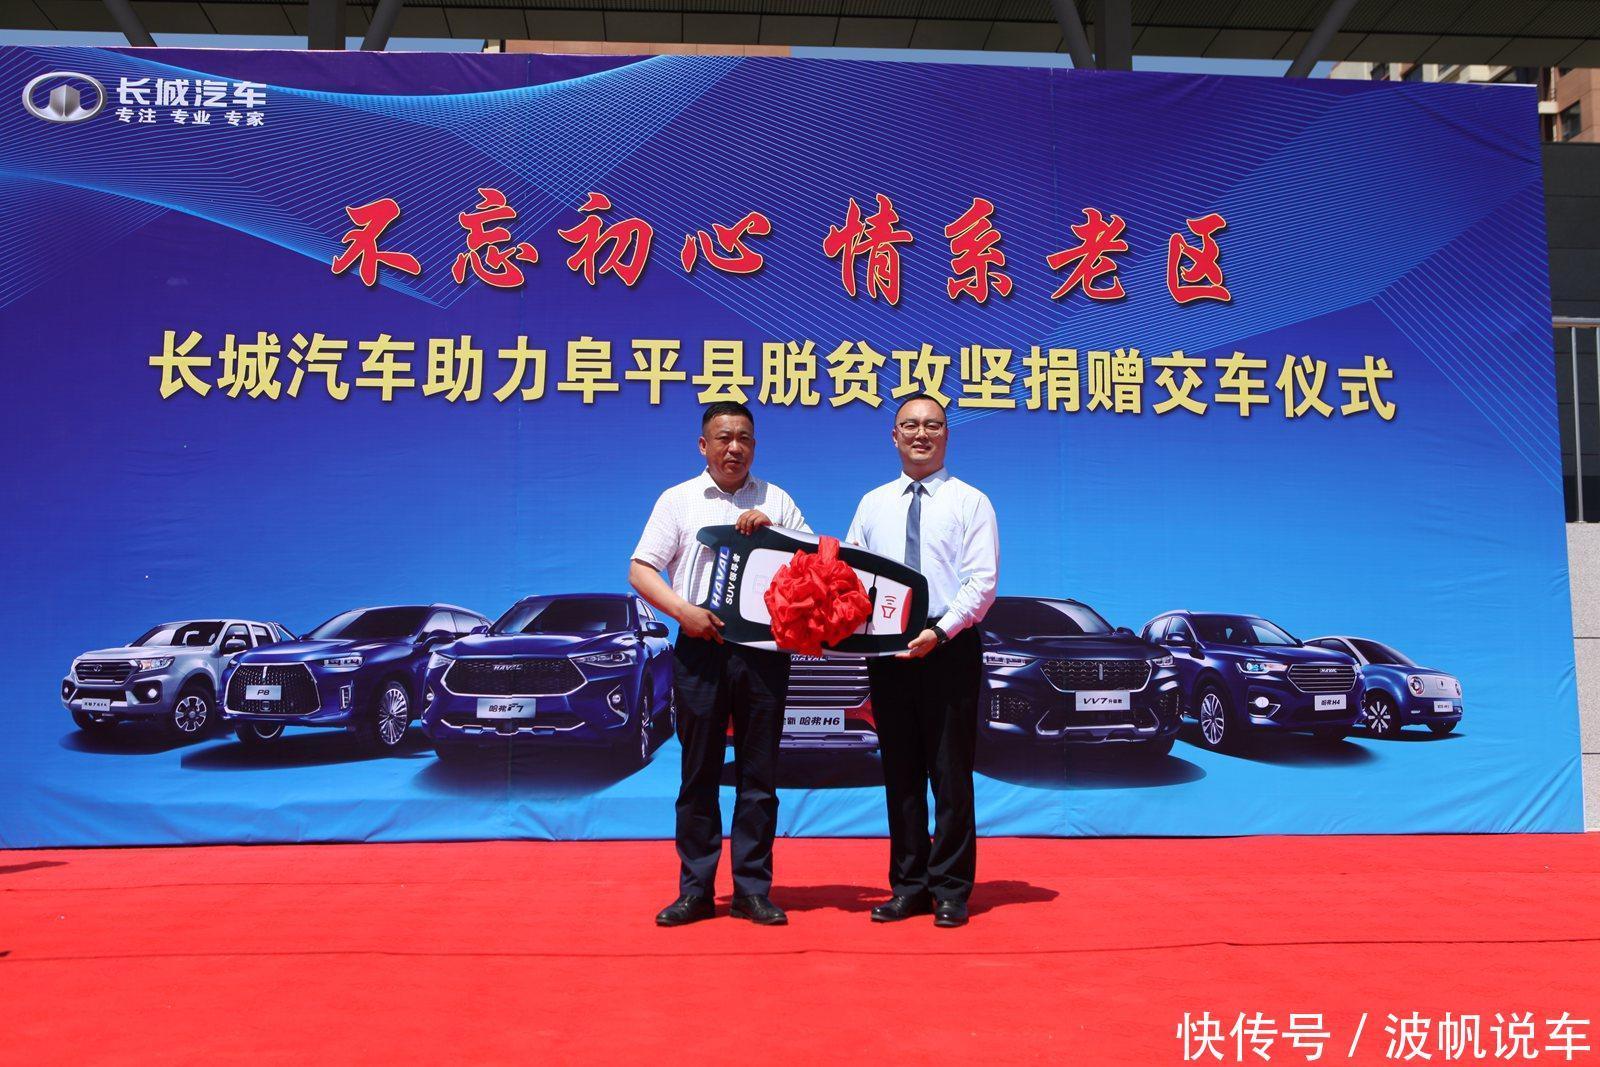 长城车辆双脚千万元支架及价值正式捐赠阜平县汽车设备图片